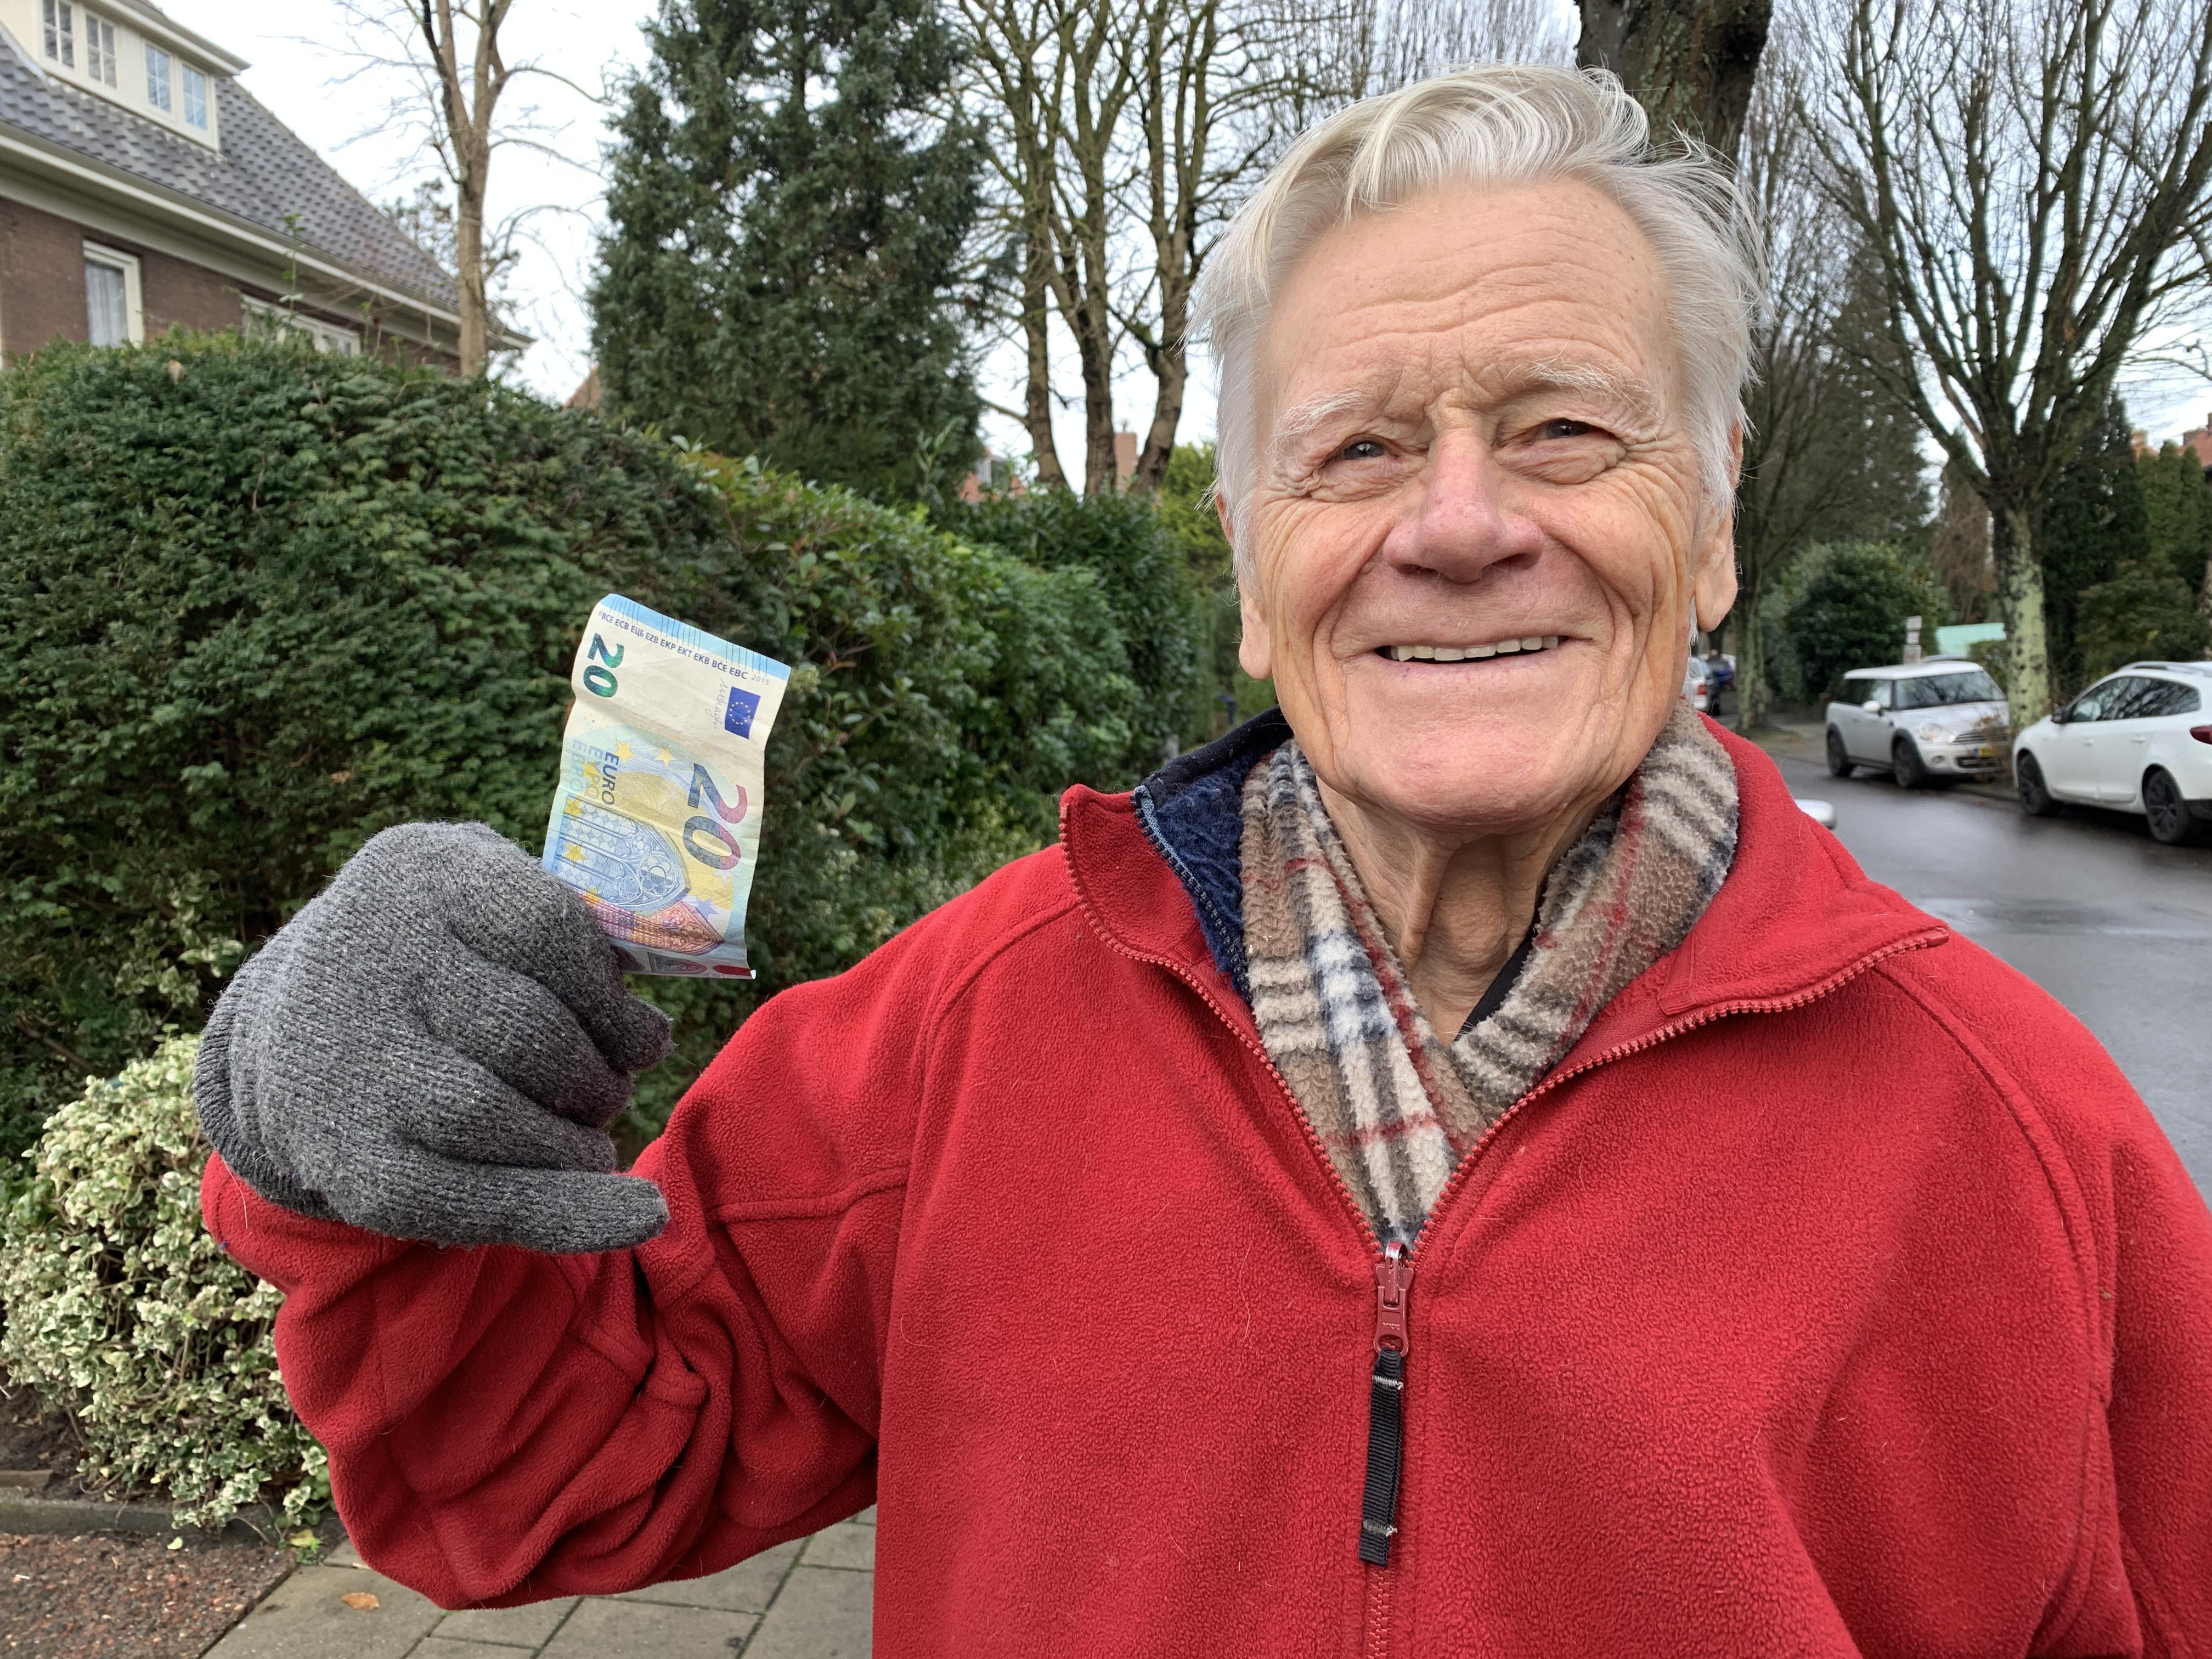 Krasse Overvener (93) vindt op straat biljet van 20 euro: 'Ik stort dat bedrag op rekening Rode Kruis'